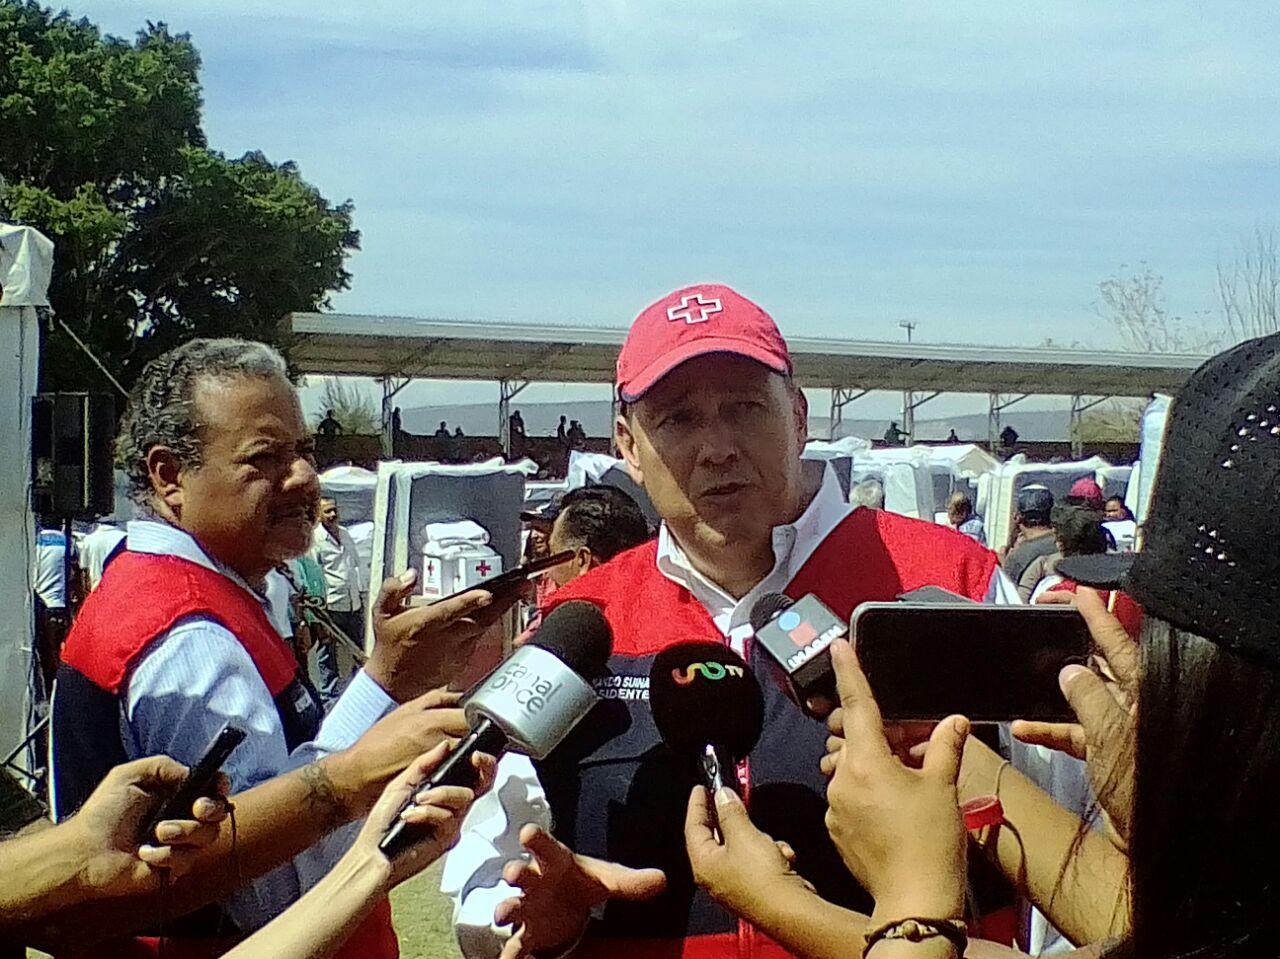 Fernando Suinaga Cárdenas Cruz Roja CR